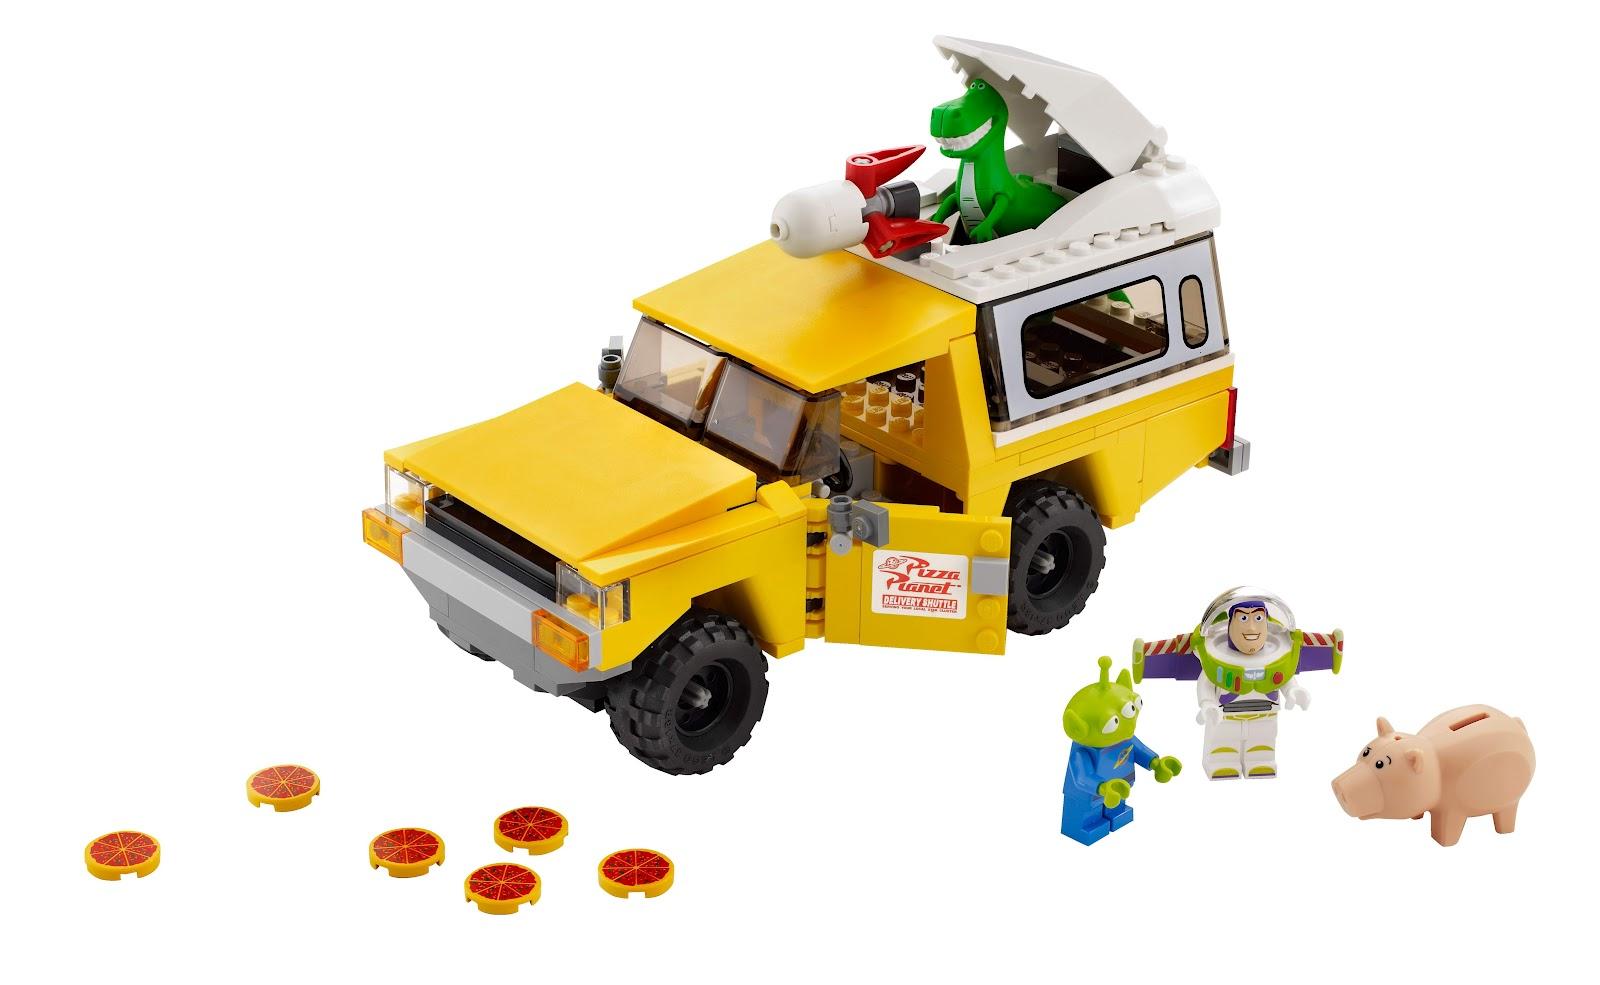 Lego Toy Story : Onetwobrick lego set database